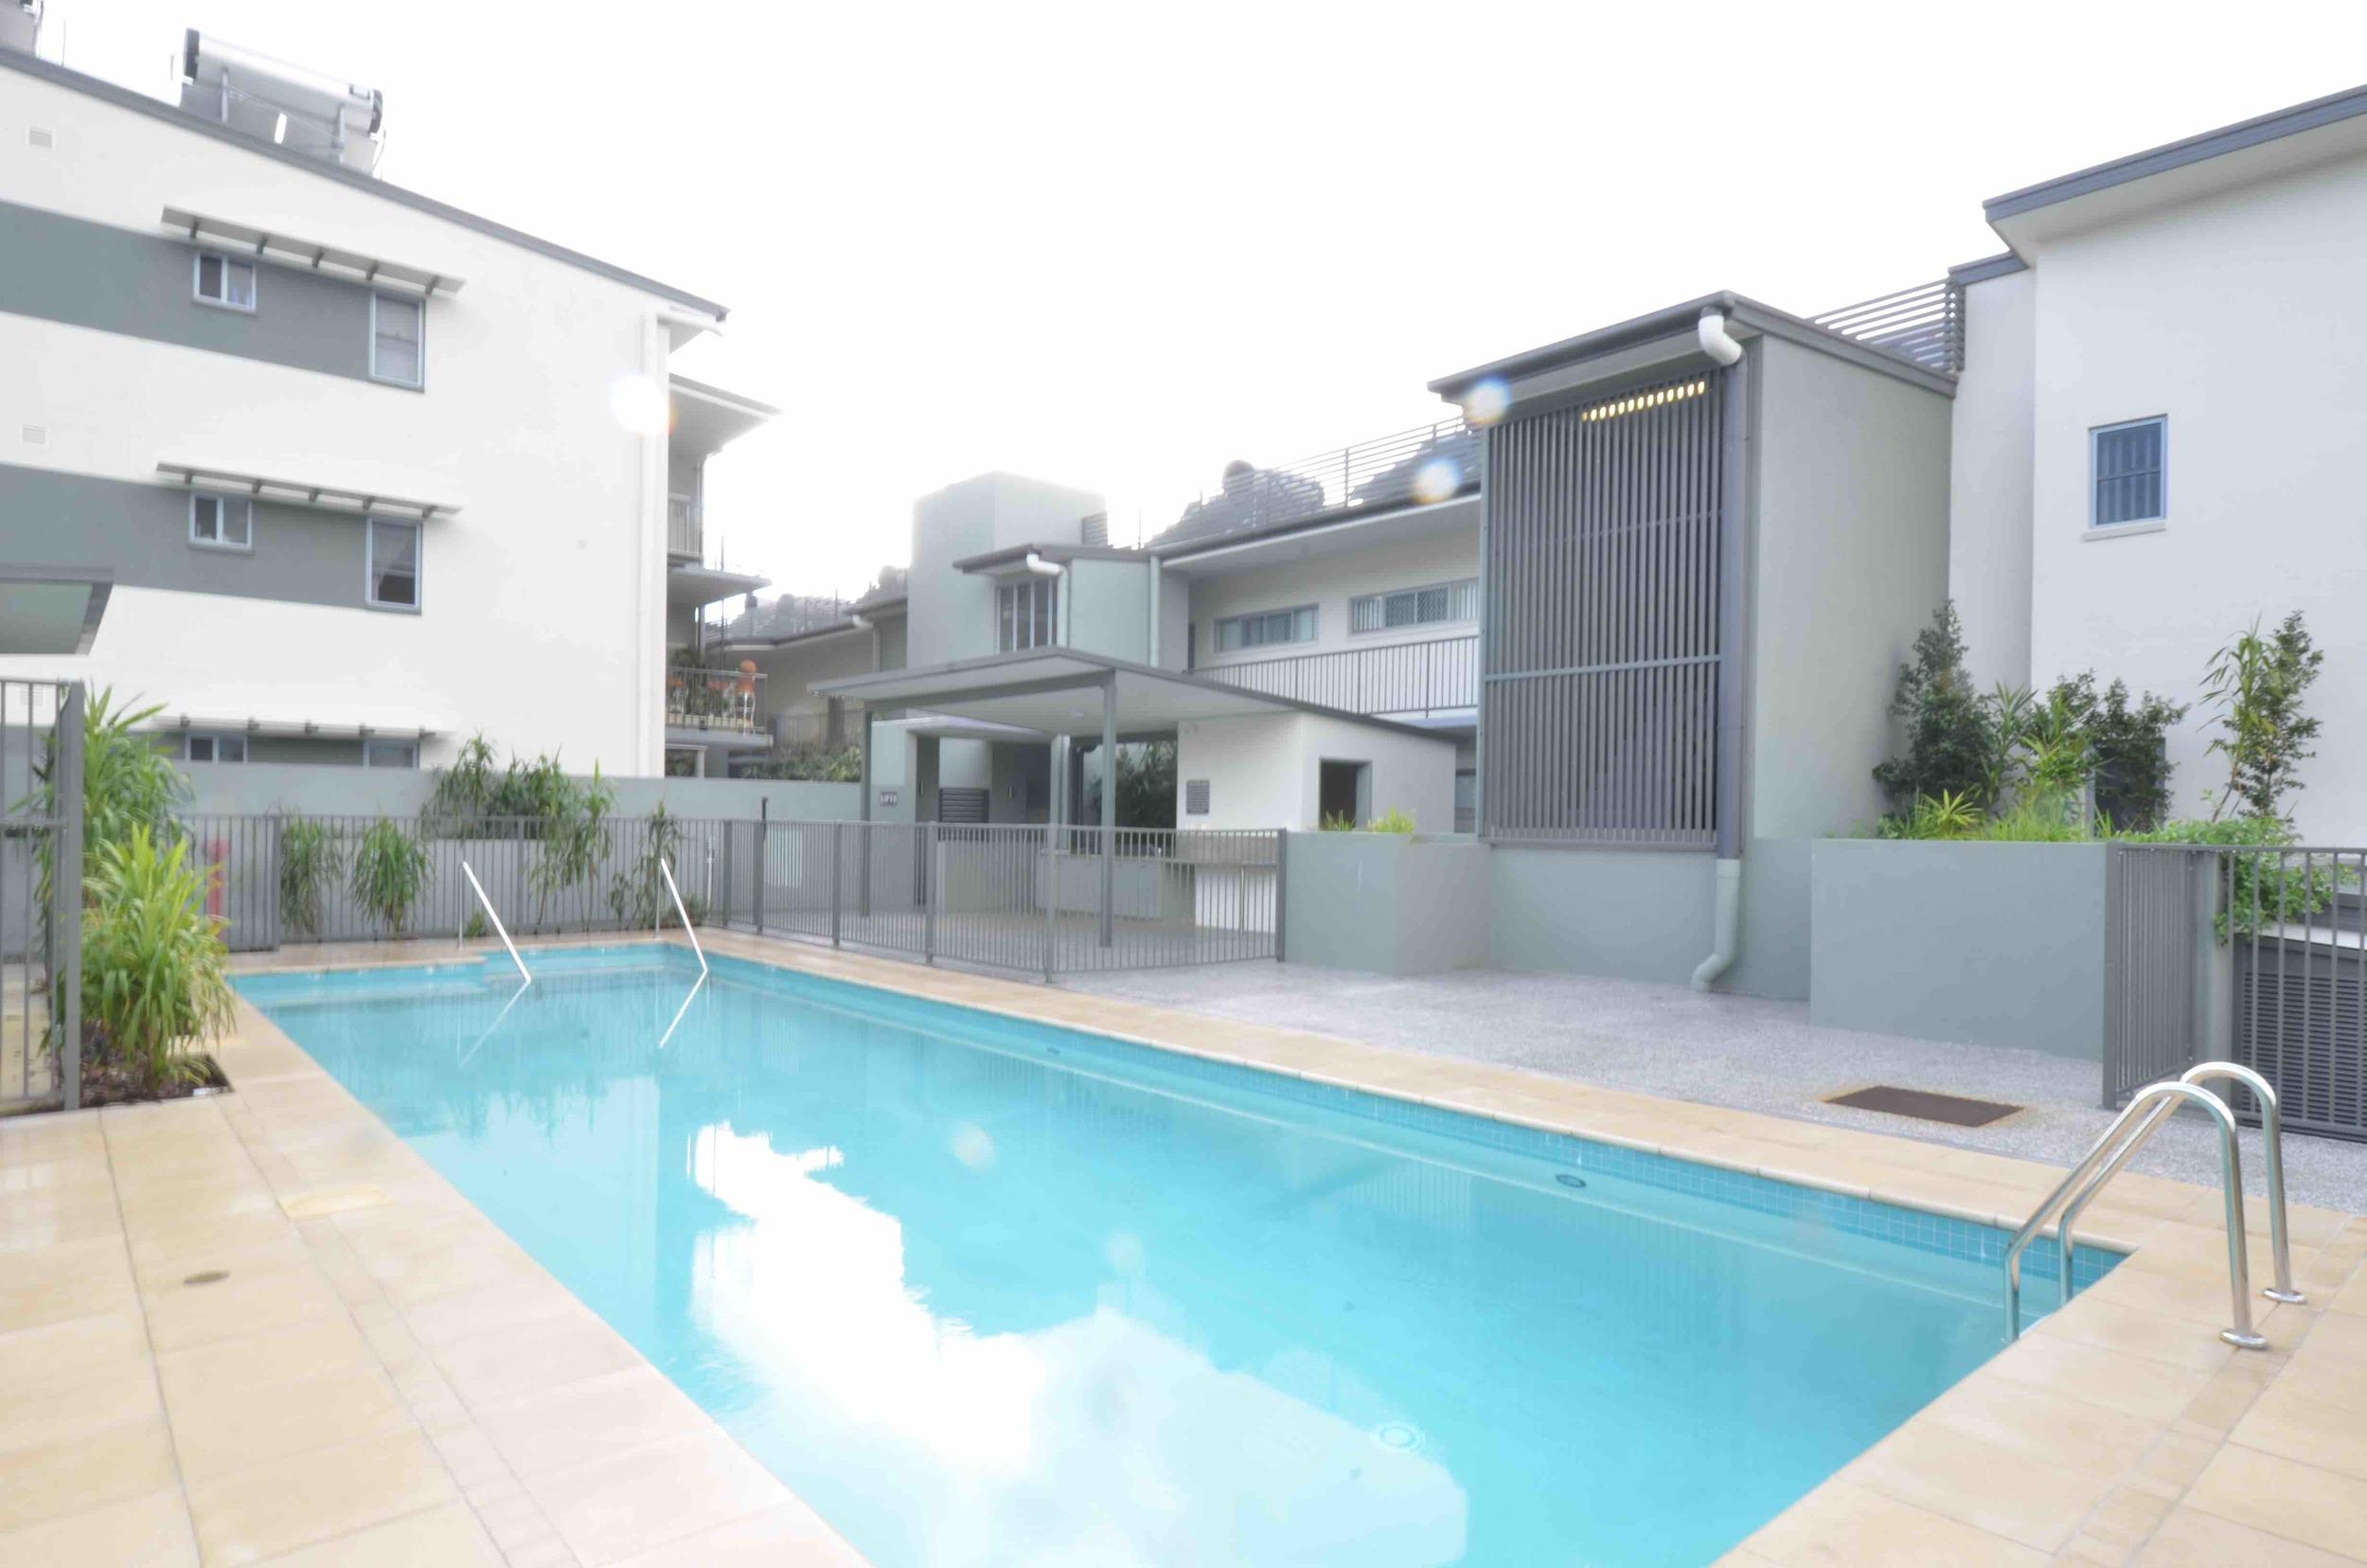 Sundale-affordable-housing1.jpg